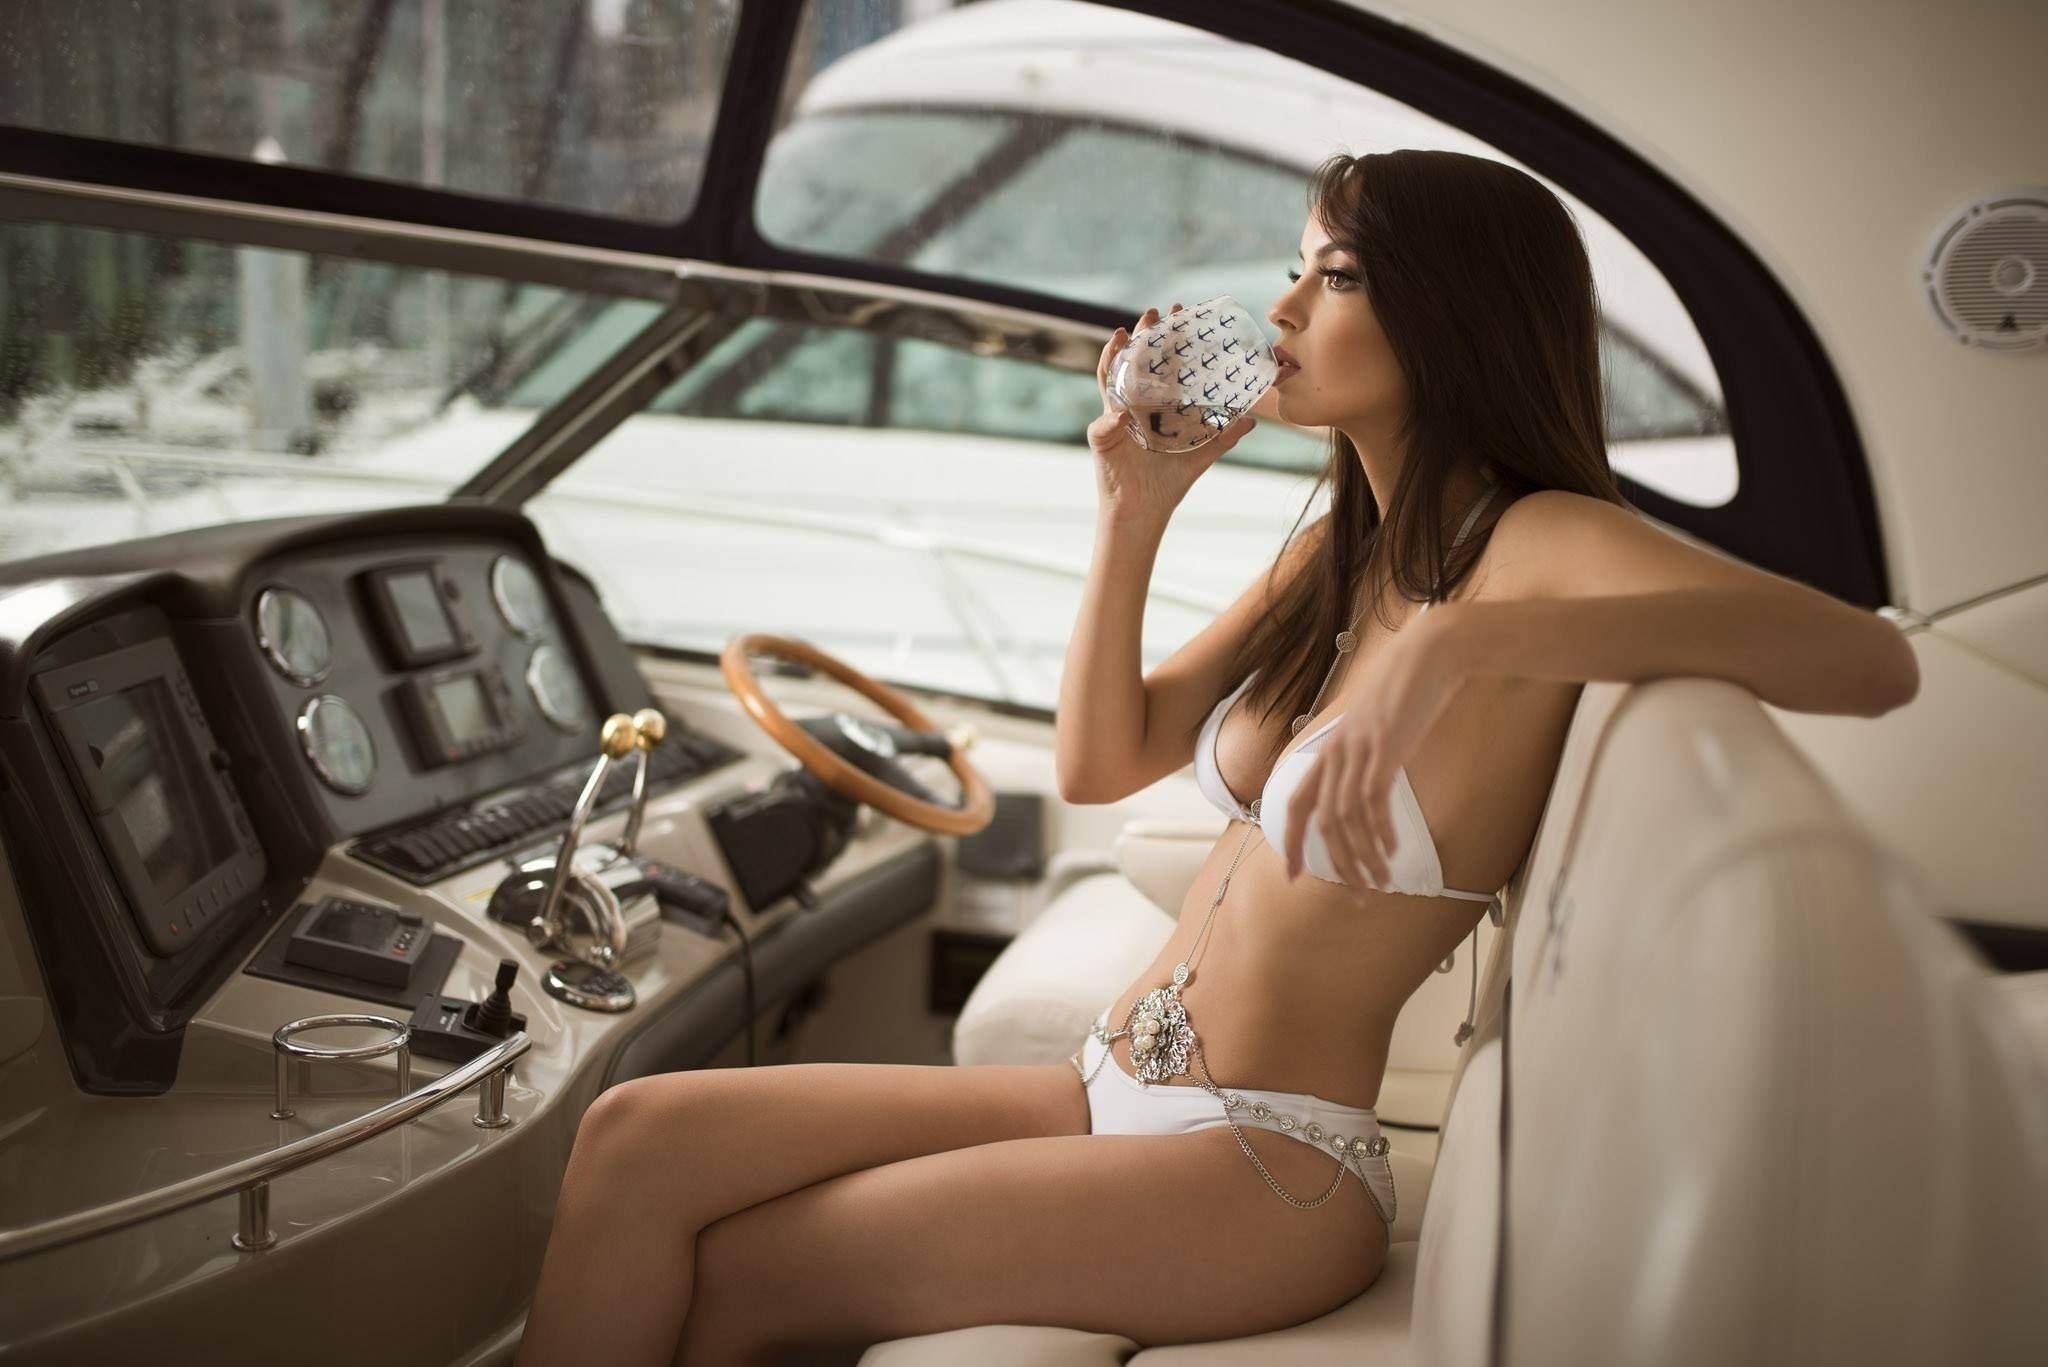 Фото Красотка в белом купальнике пьет из бокала за штурвалом яхты, скачать картинку бесплатно